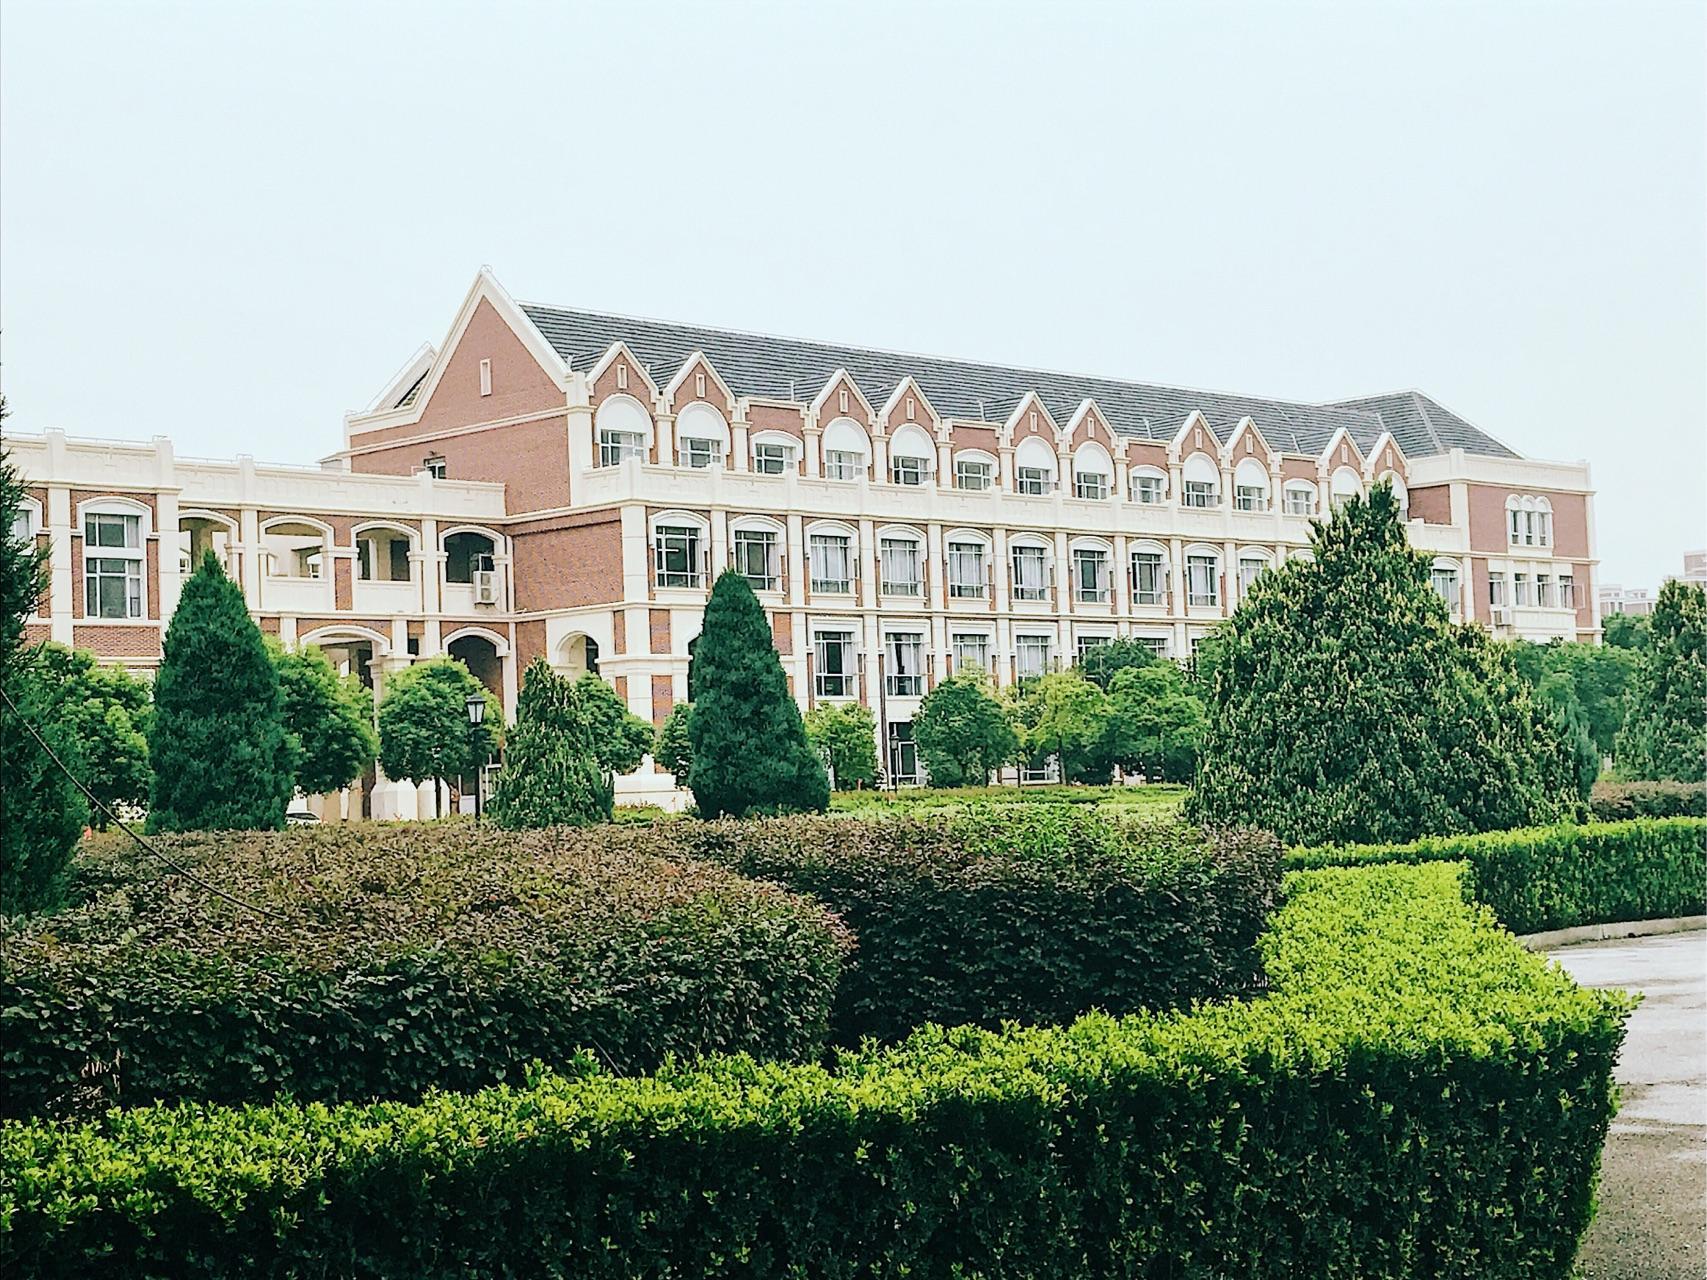 上海外國語大學是什麼樣子的? - GetIt01